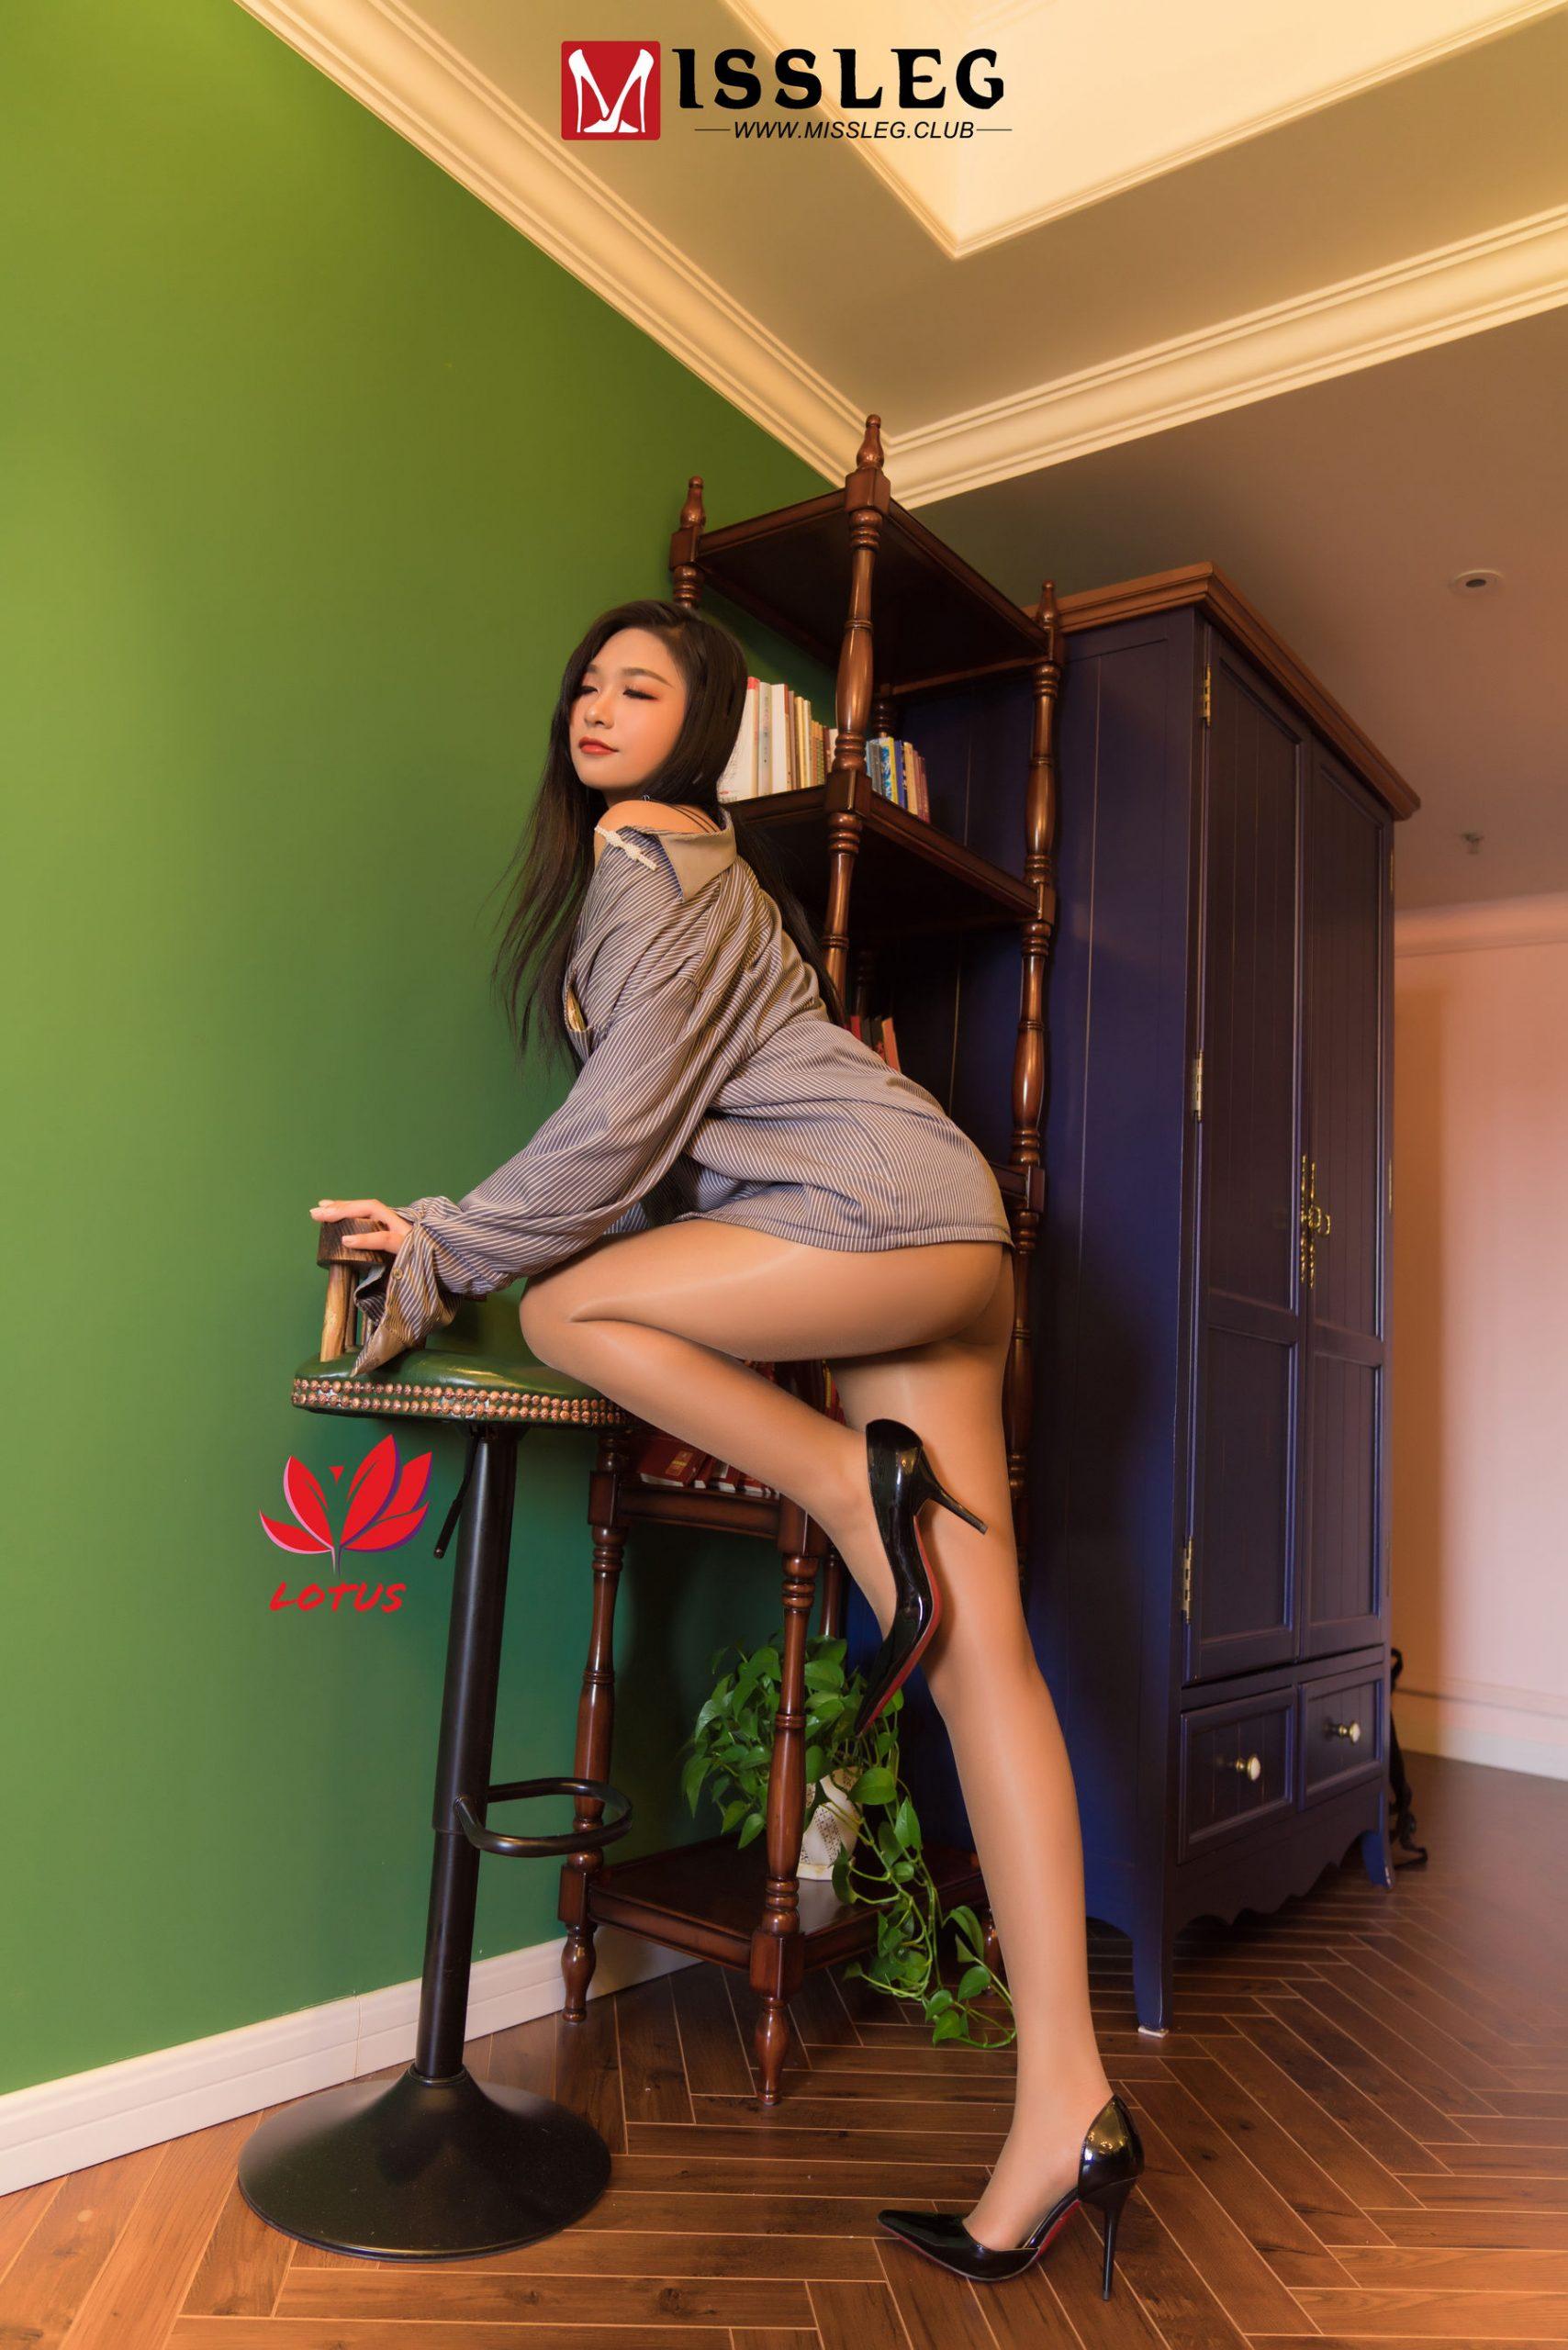 エロすぎる美女の生足画像(13pics)